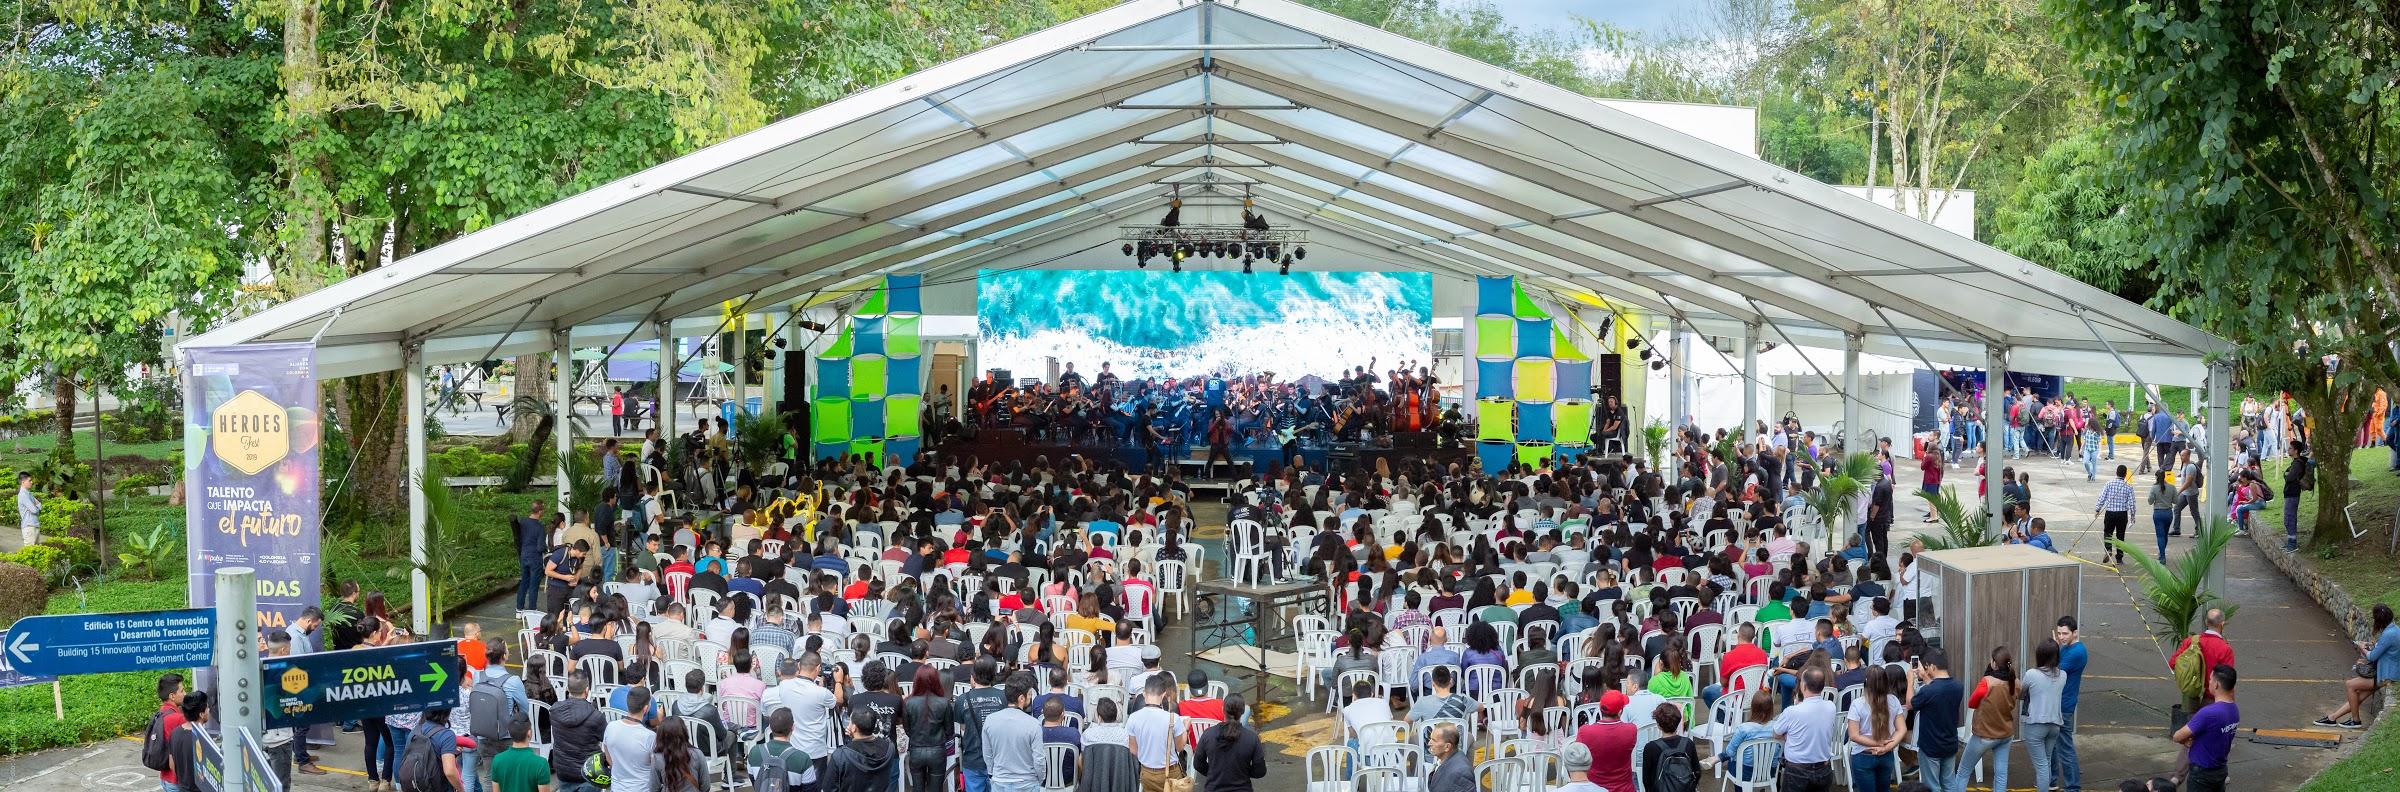 Gran concierto Katarsis